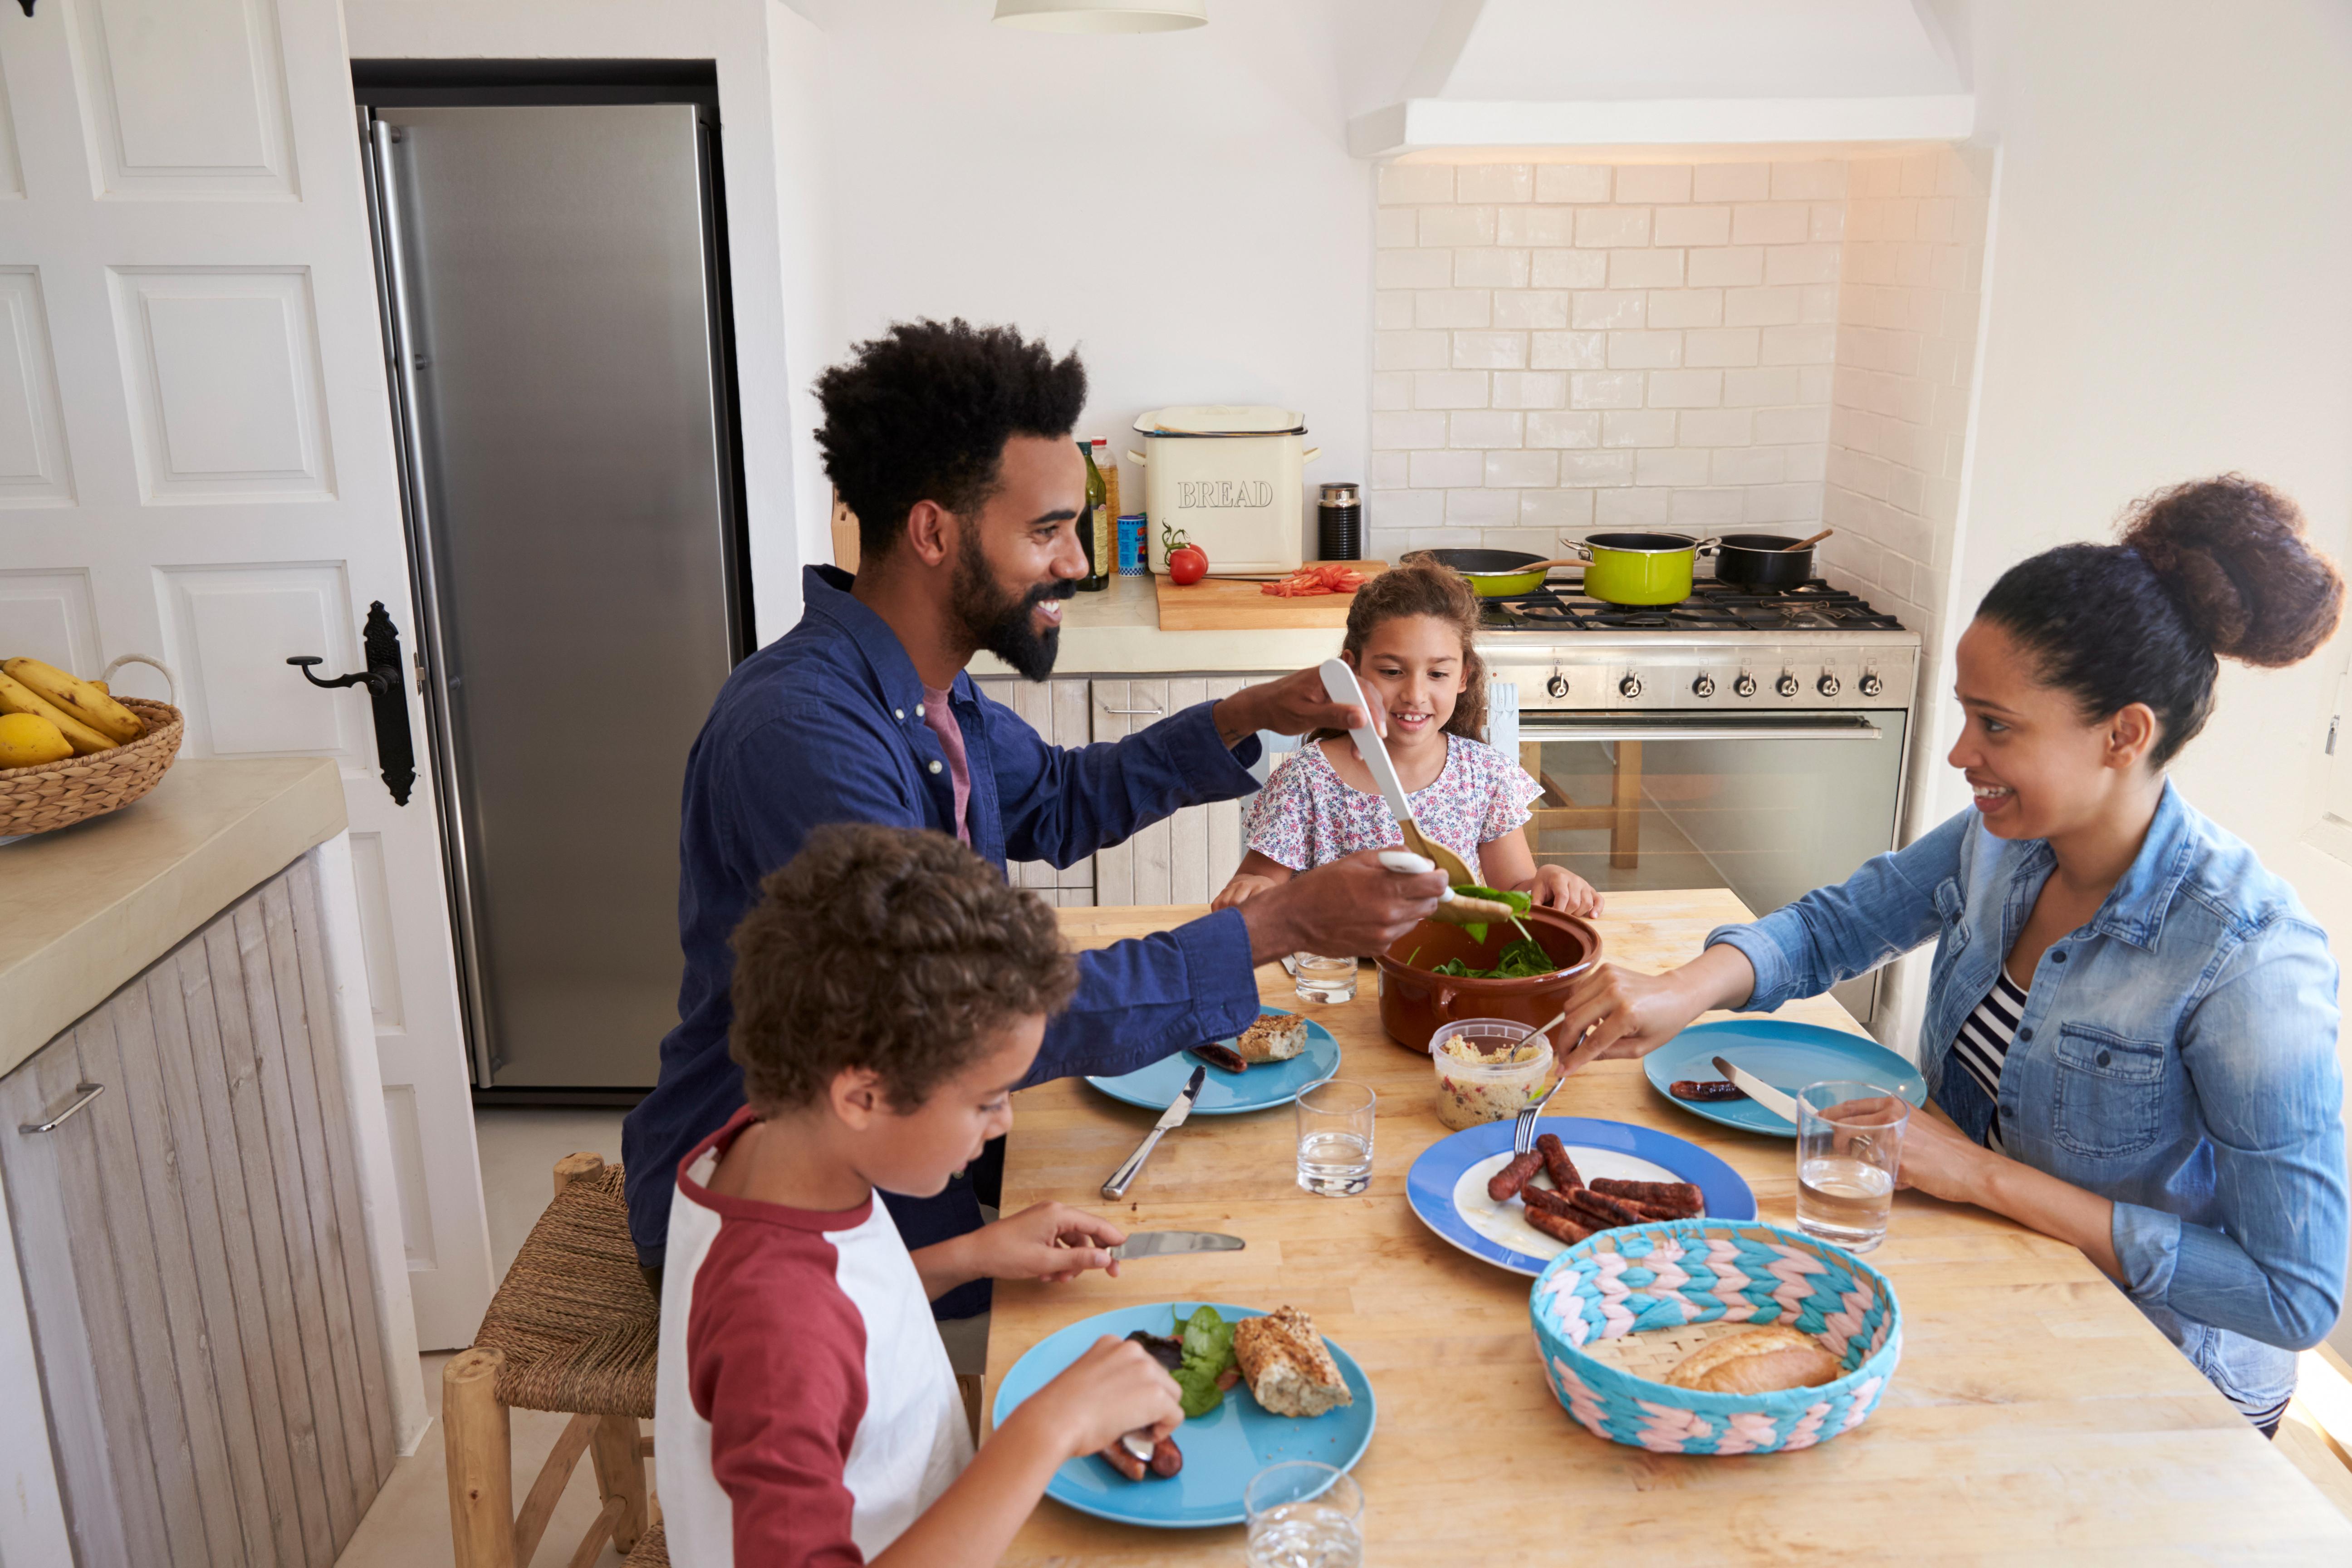 Tonåringar och unga vuxna som äter tillsammans med sin familj får sundare matvanor, visar studien från Kanada.